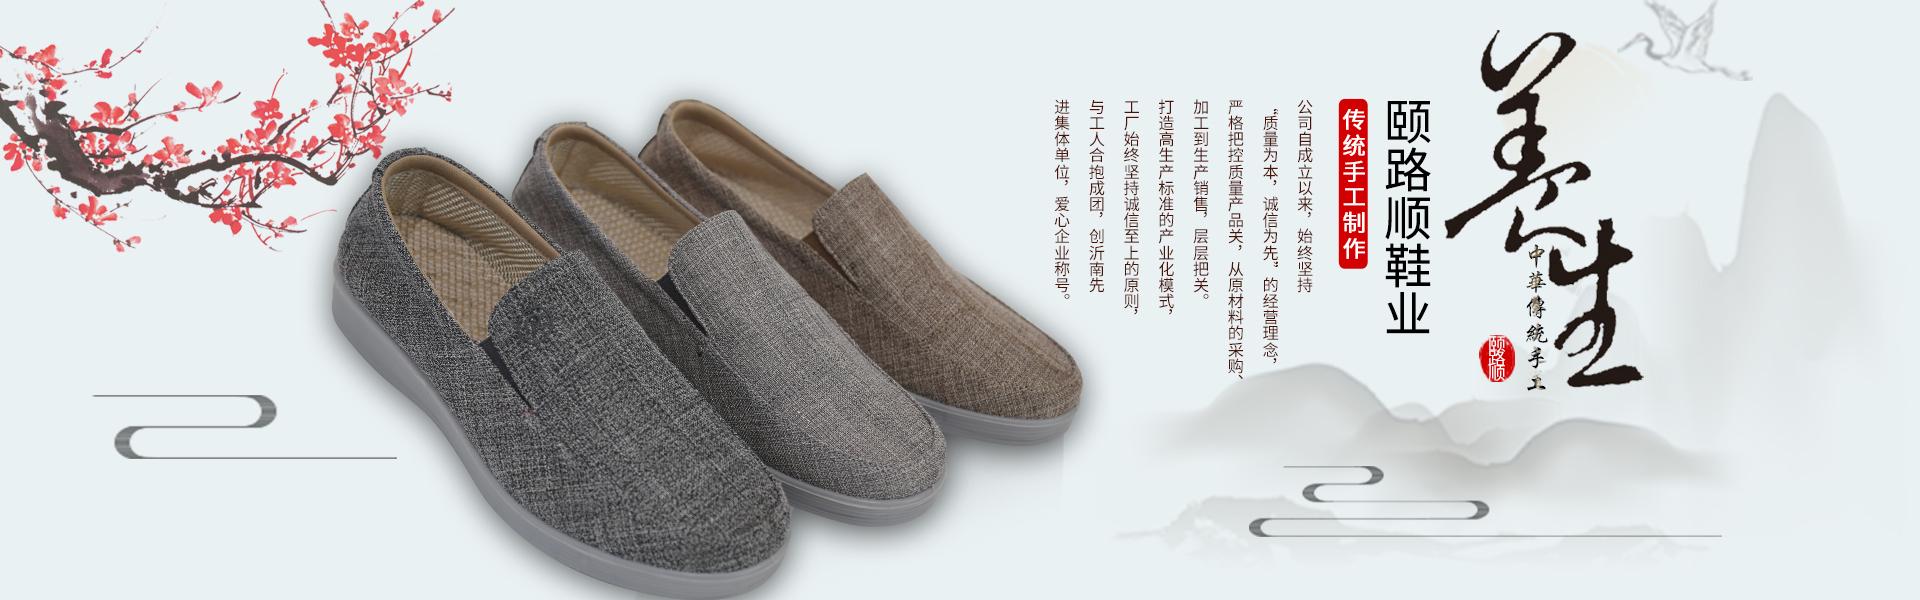 老北京布鞋廠家,休閑布鞋廠家,山東布鞋,僧侶鞋